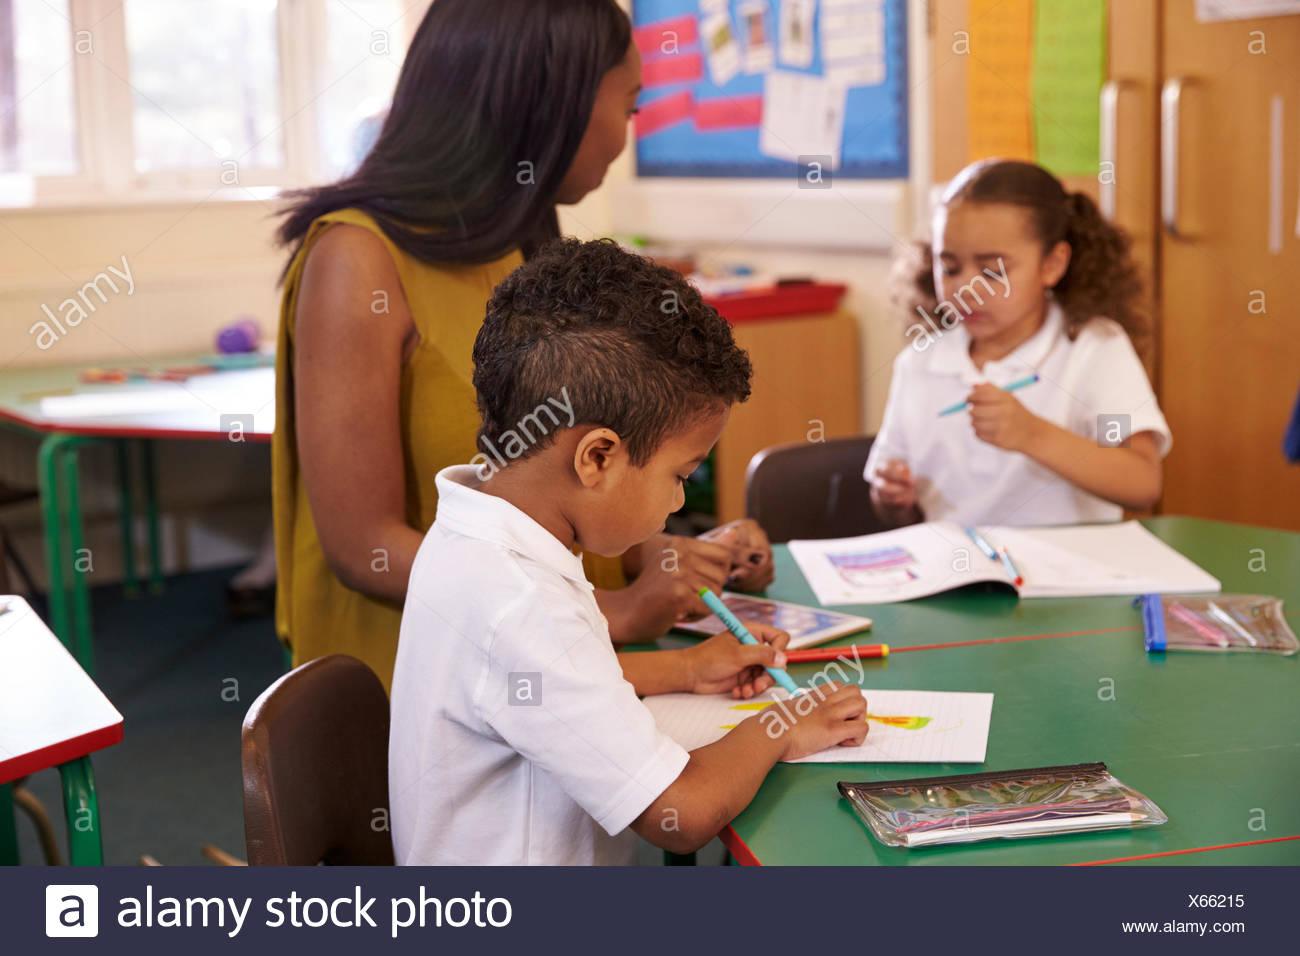 Femmina di insegnante di scuola elementare aiutare gli alunni a scrivania Immagini Stock